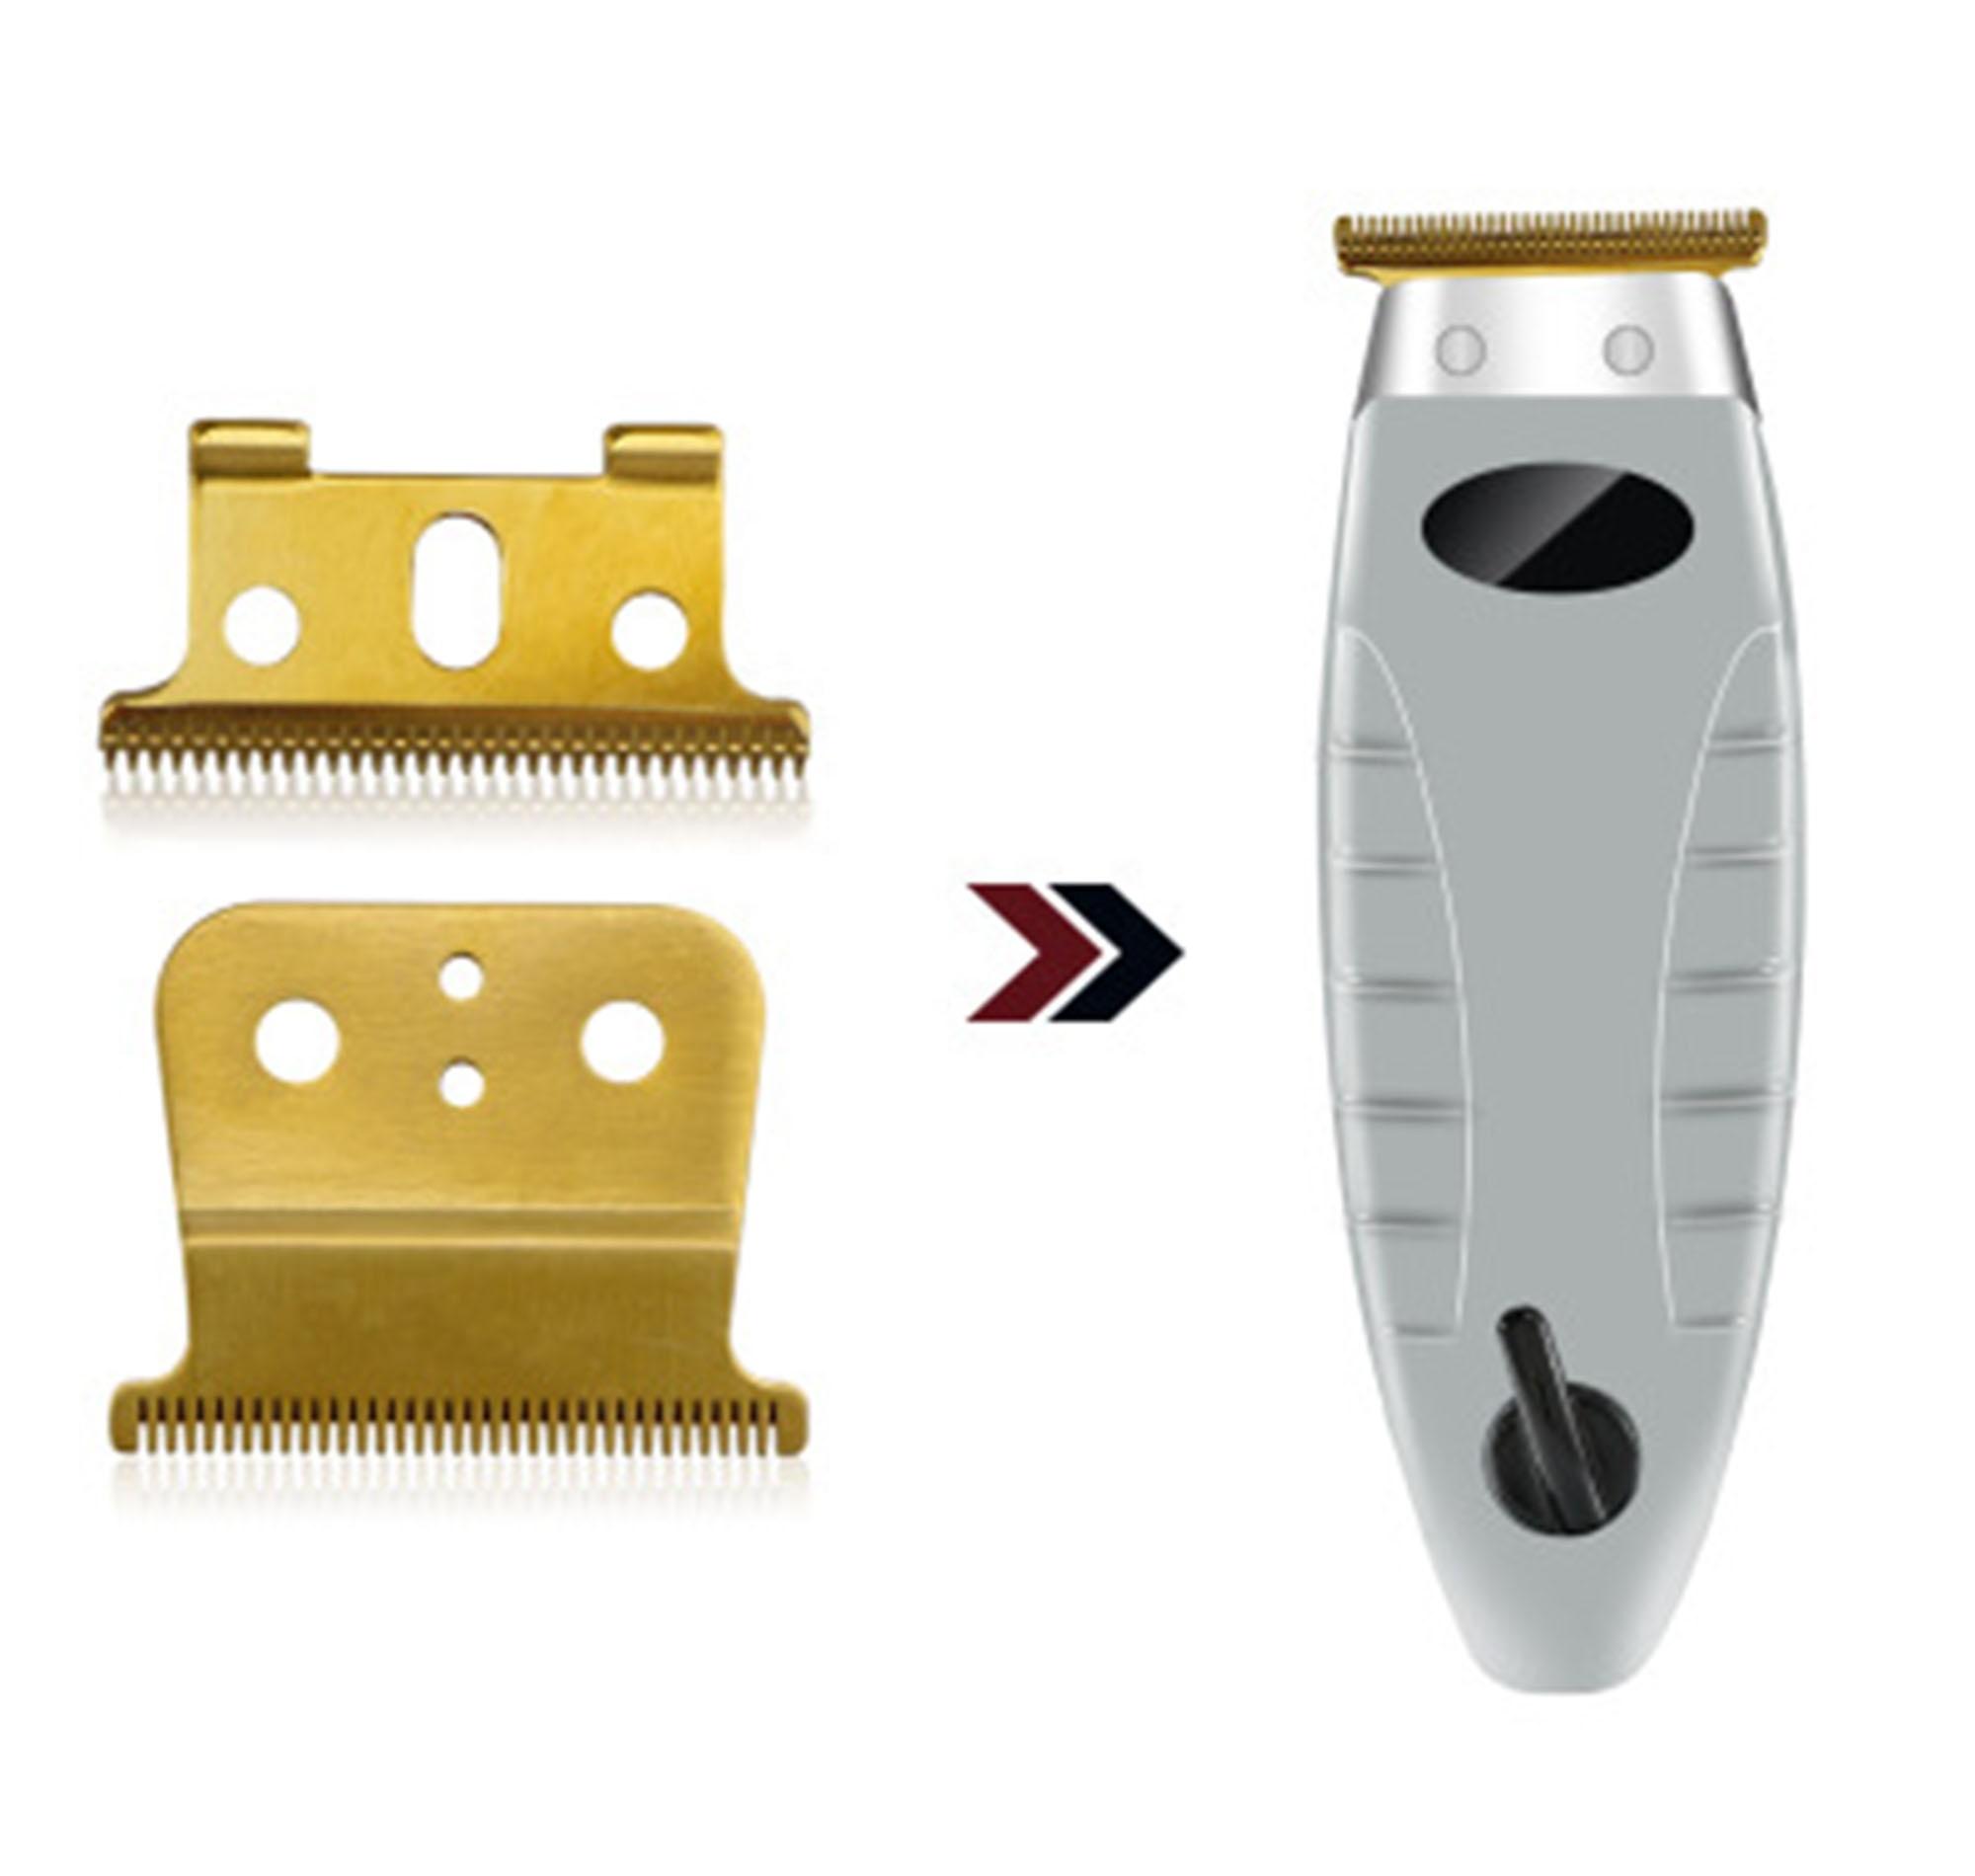 स्टेनलेस स्टील सोना चांदी Andis टी-outliner द्वितीय ब्लेड बाल Trimmer के लिए स्टॉक में